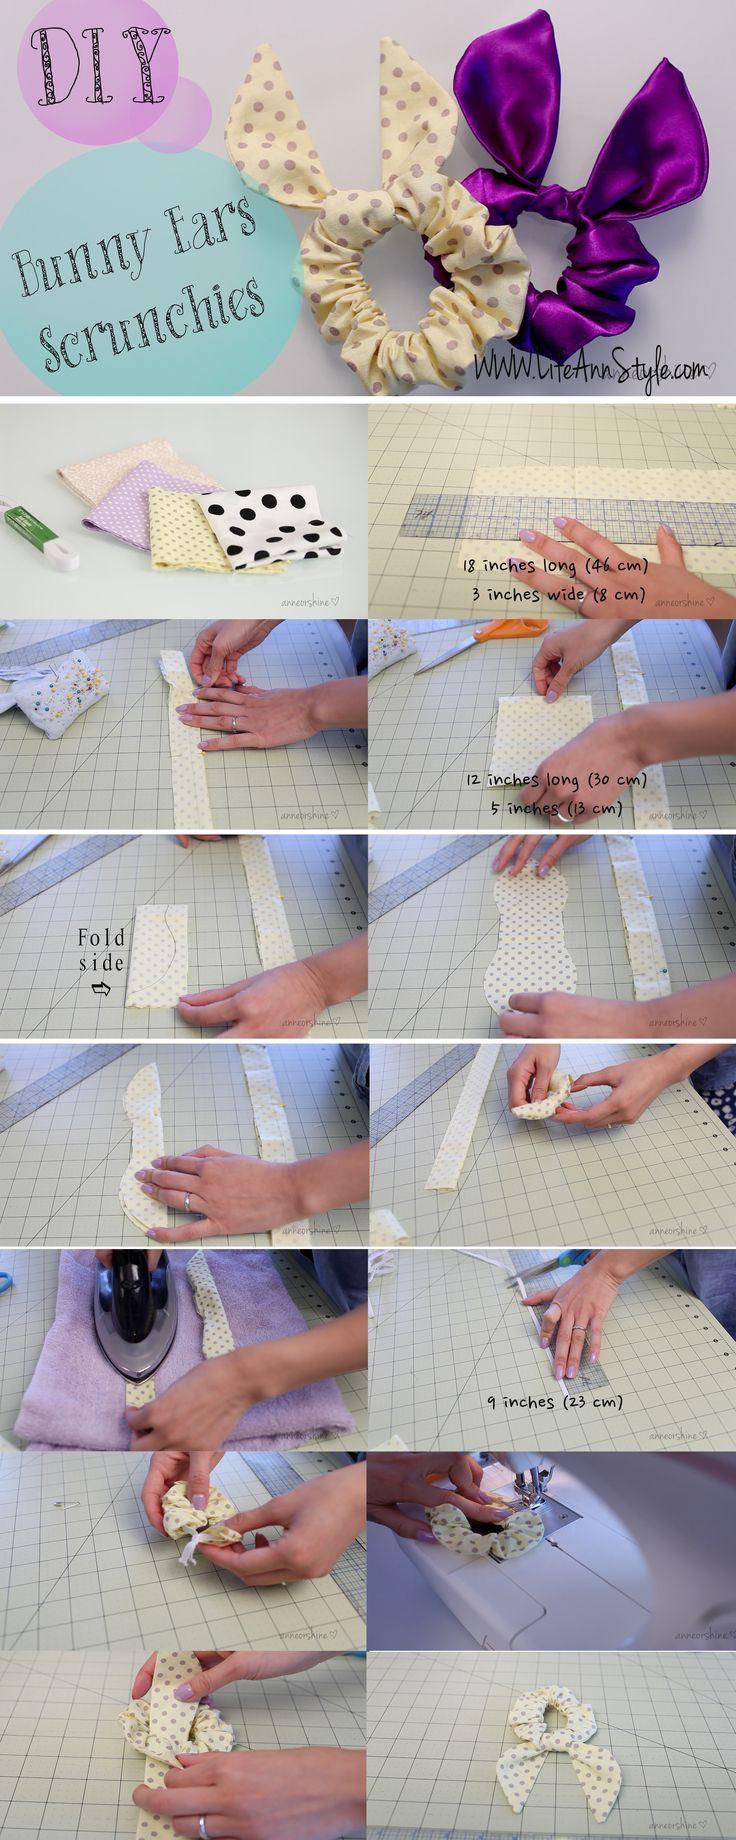 DIY-Projekte für Sie, um einen schönen Scrunchie zu machen